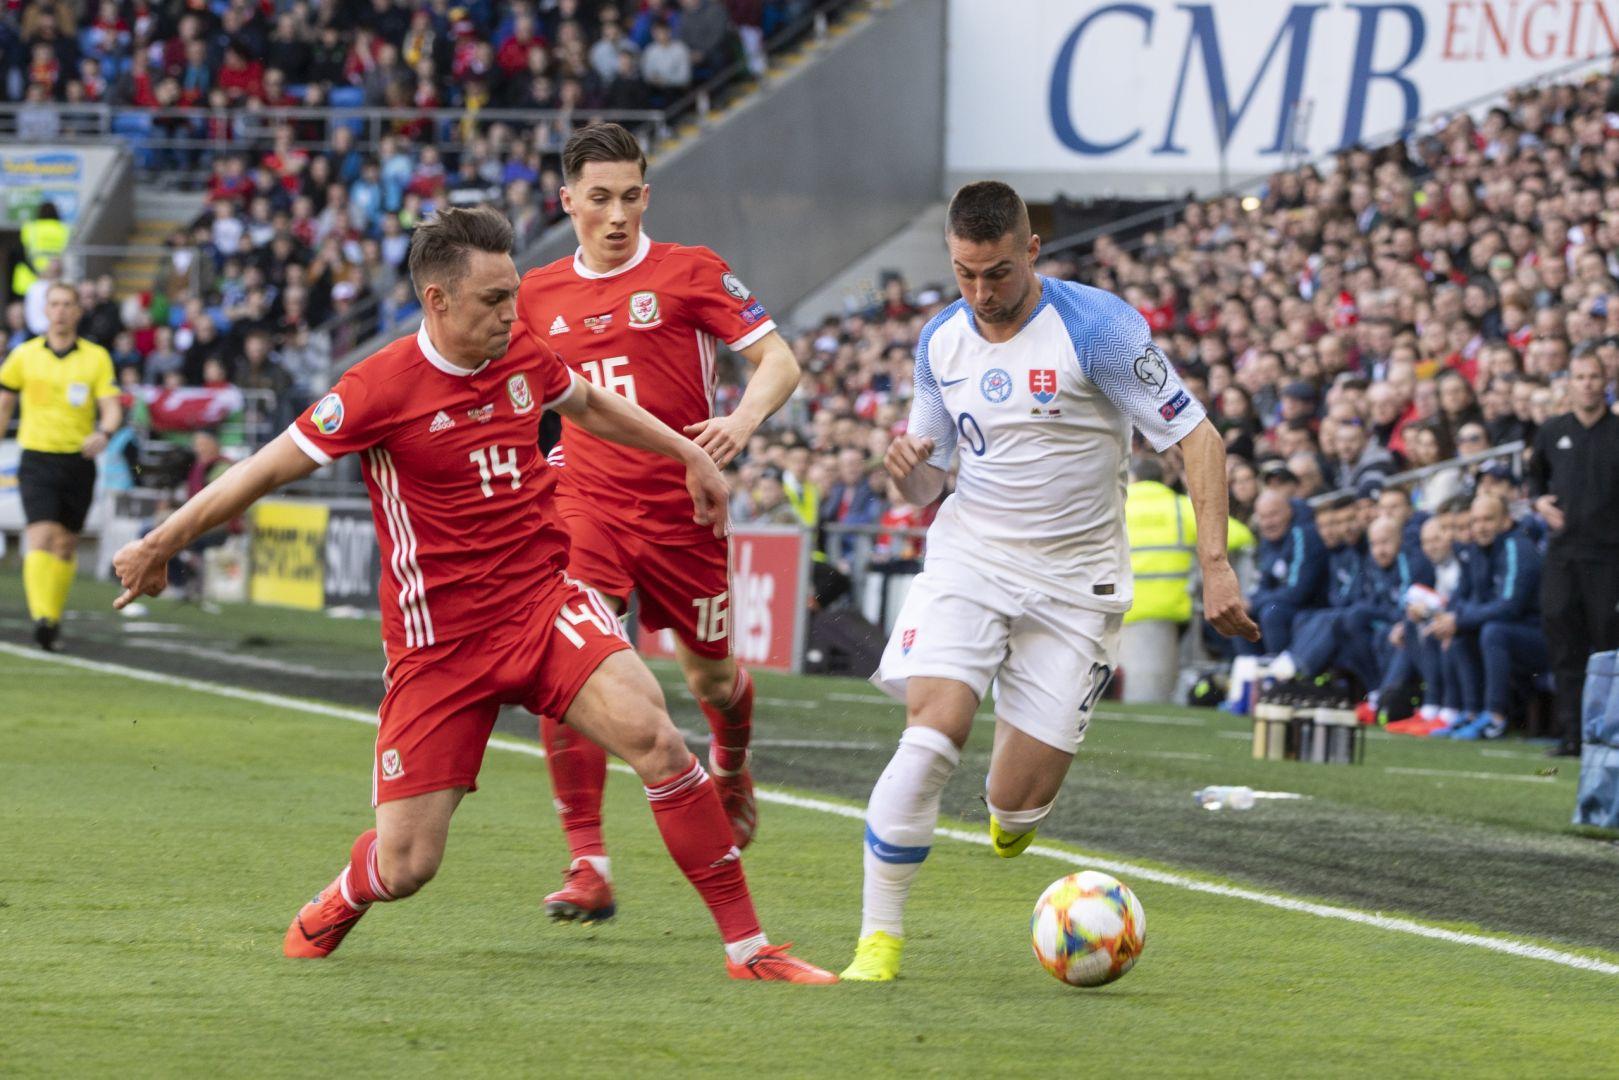 a1fe59a772 Slovenskí futbaloví reprezentanti prehrali v Cardiffe s domácimi Walesanmi  0 1 v nedeľňajšom kvalifikačnom dueli kvalifikácie o postup na budúcoročné  ...